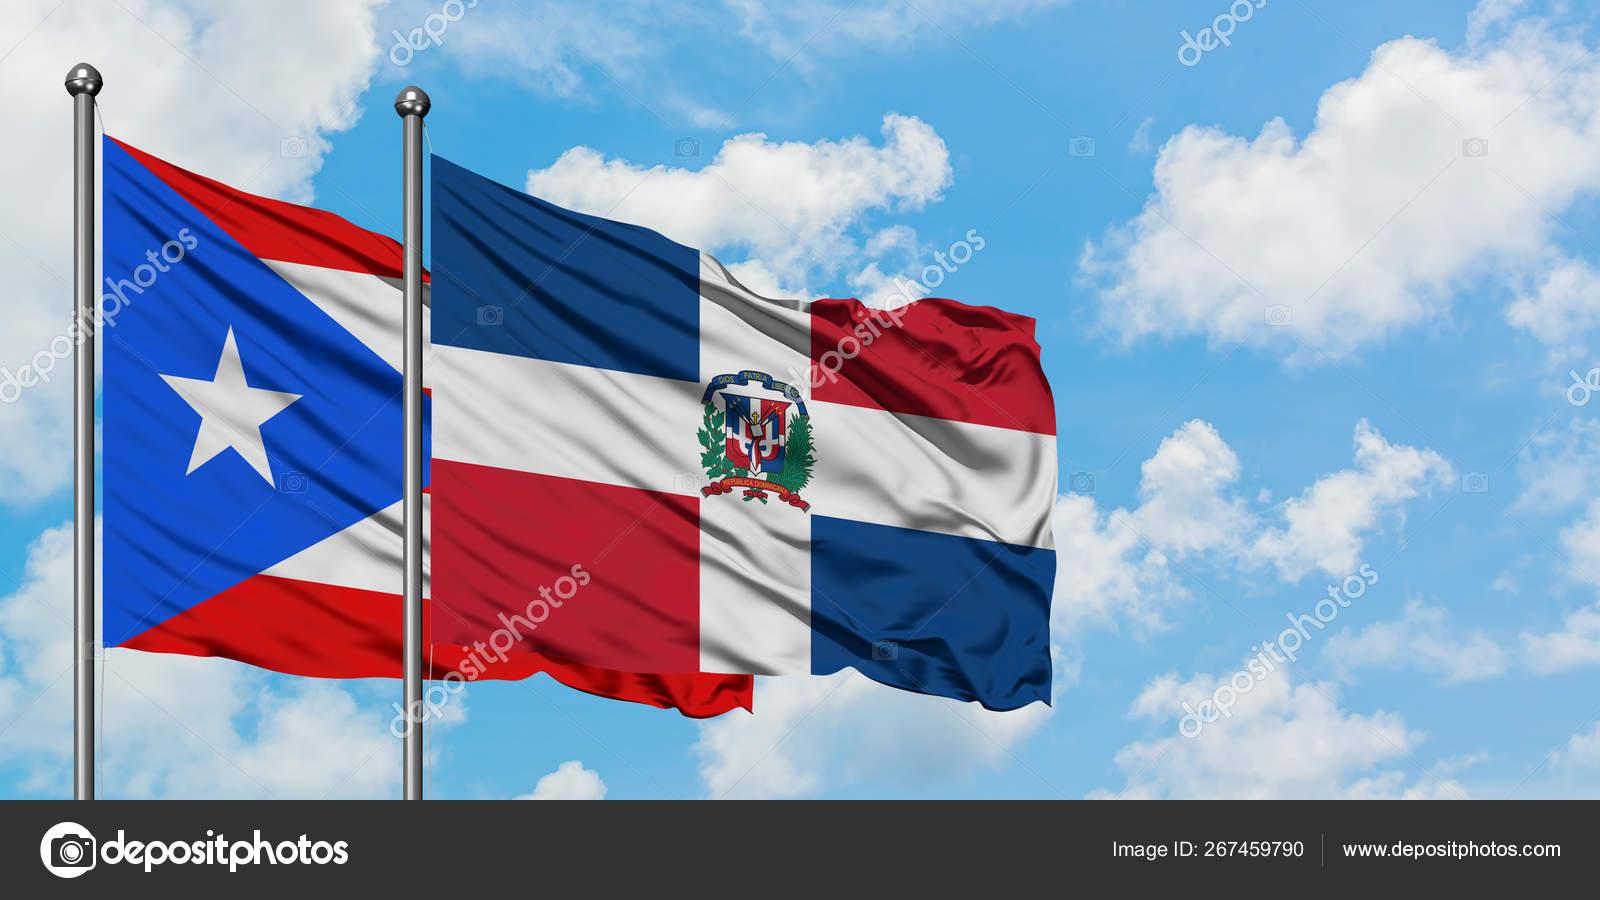 Bandera De Puerto Rico Y Republica Dominicana Ondeando En El